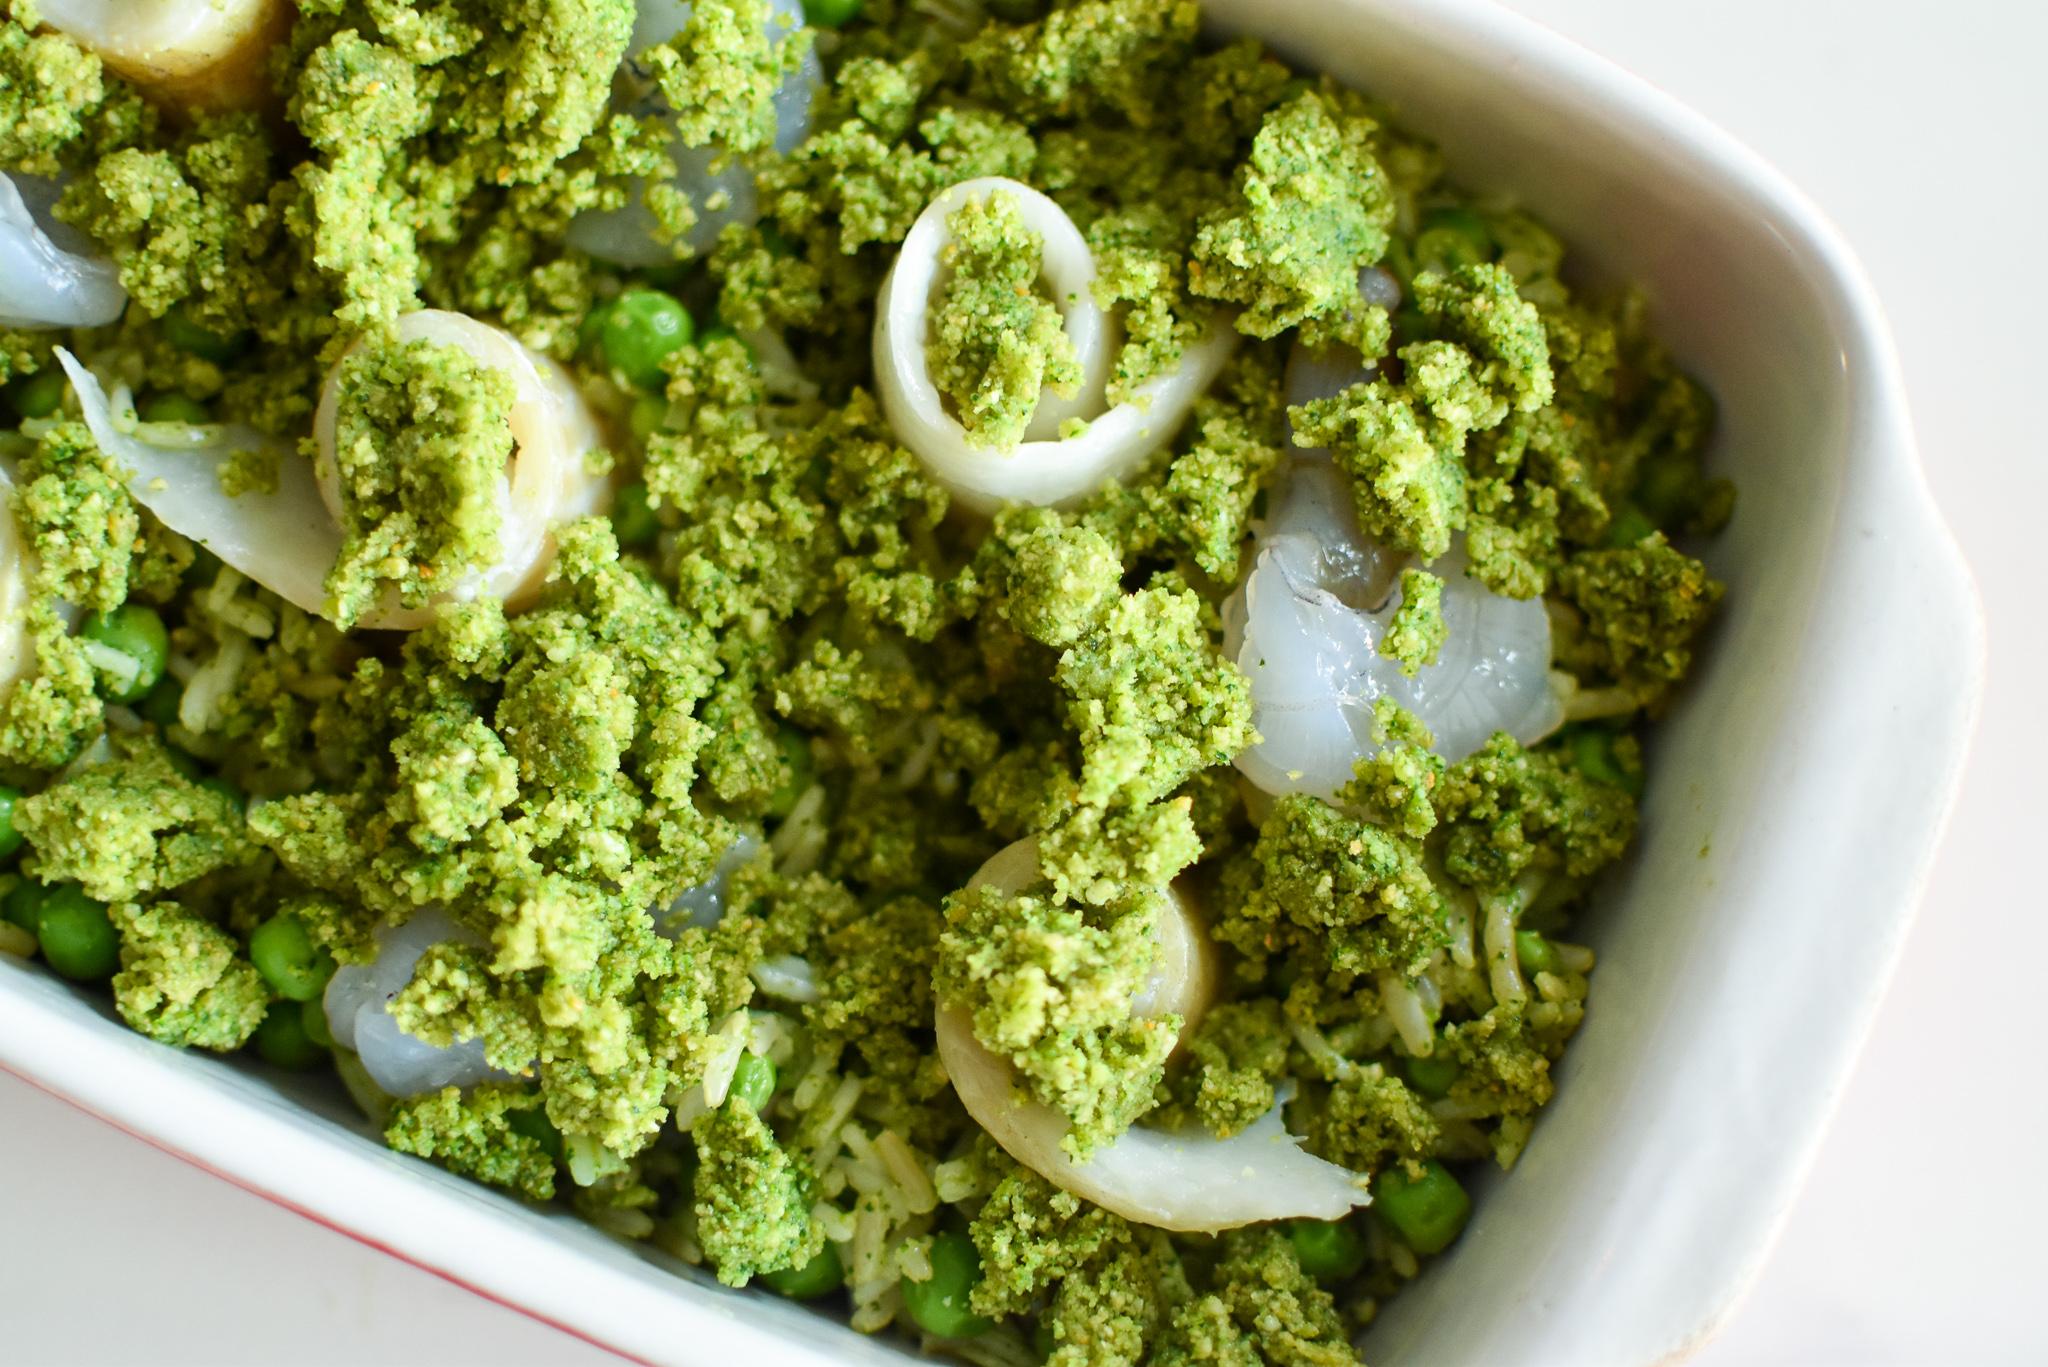 Groene rijst met pesto, doperwten, vis en scampi